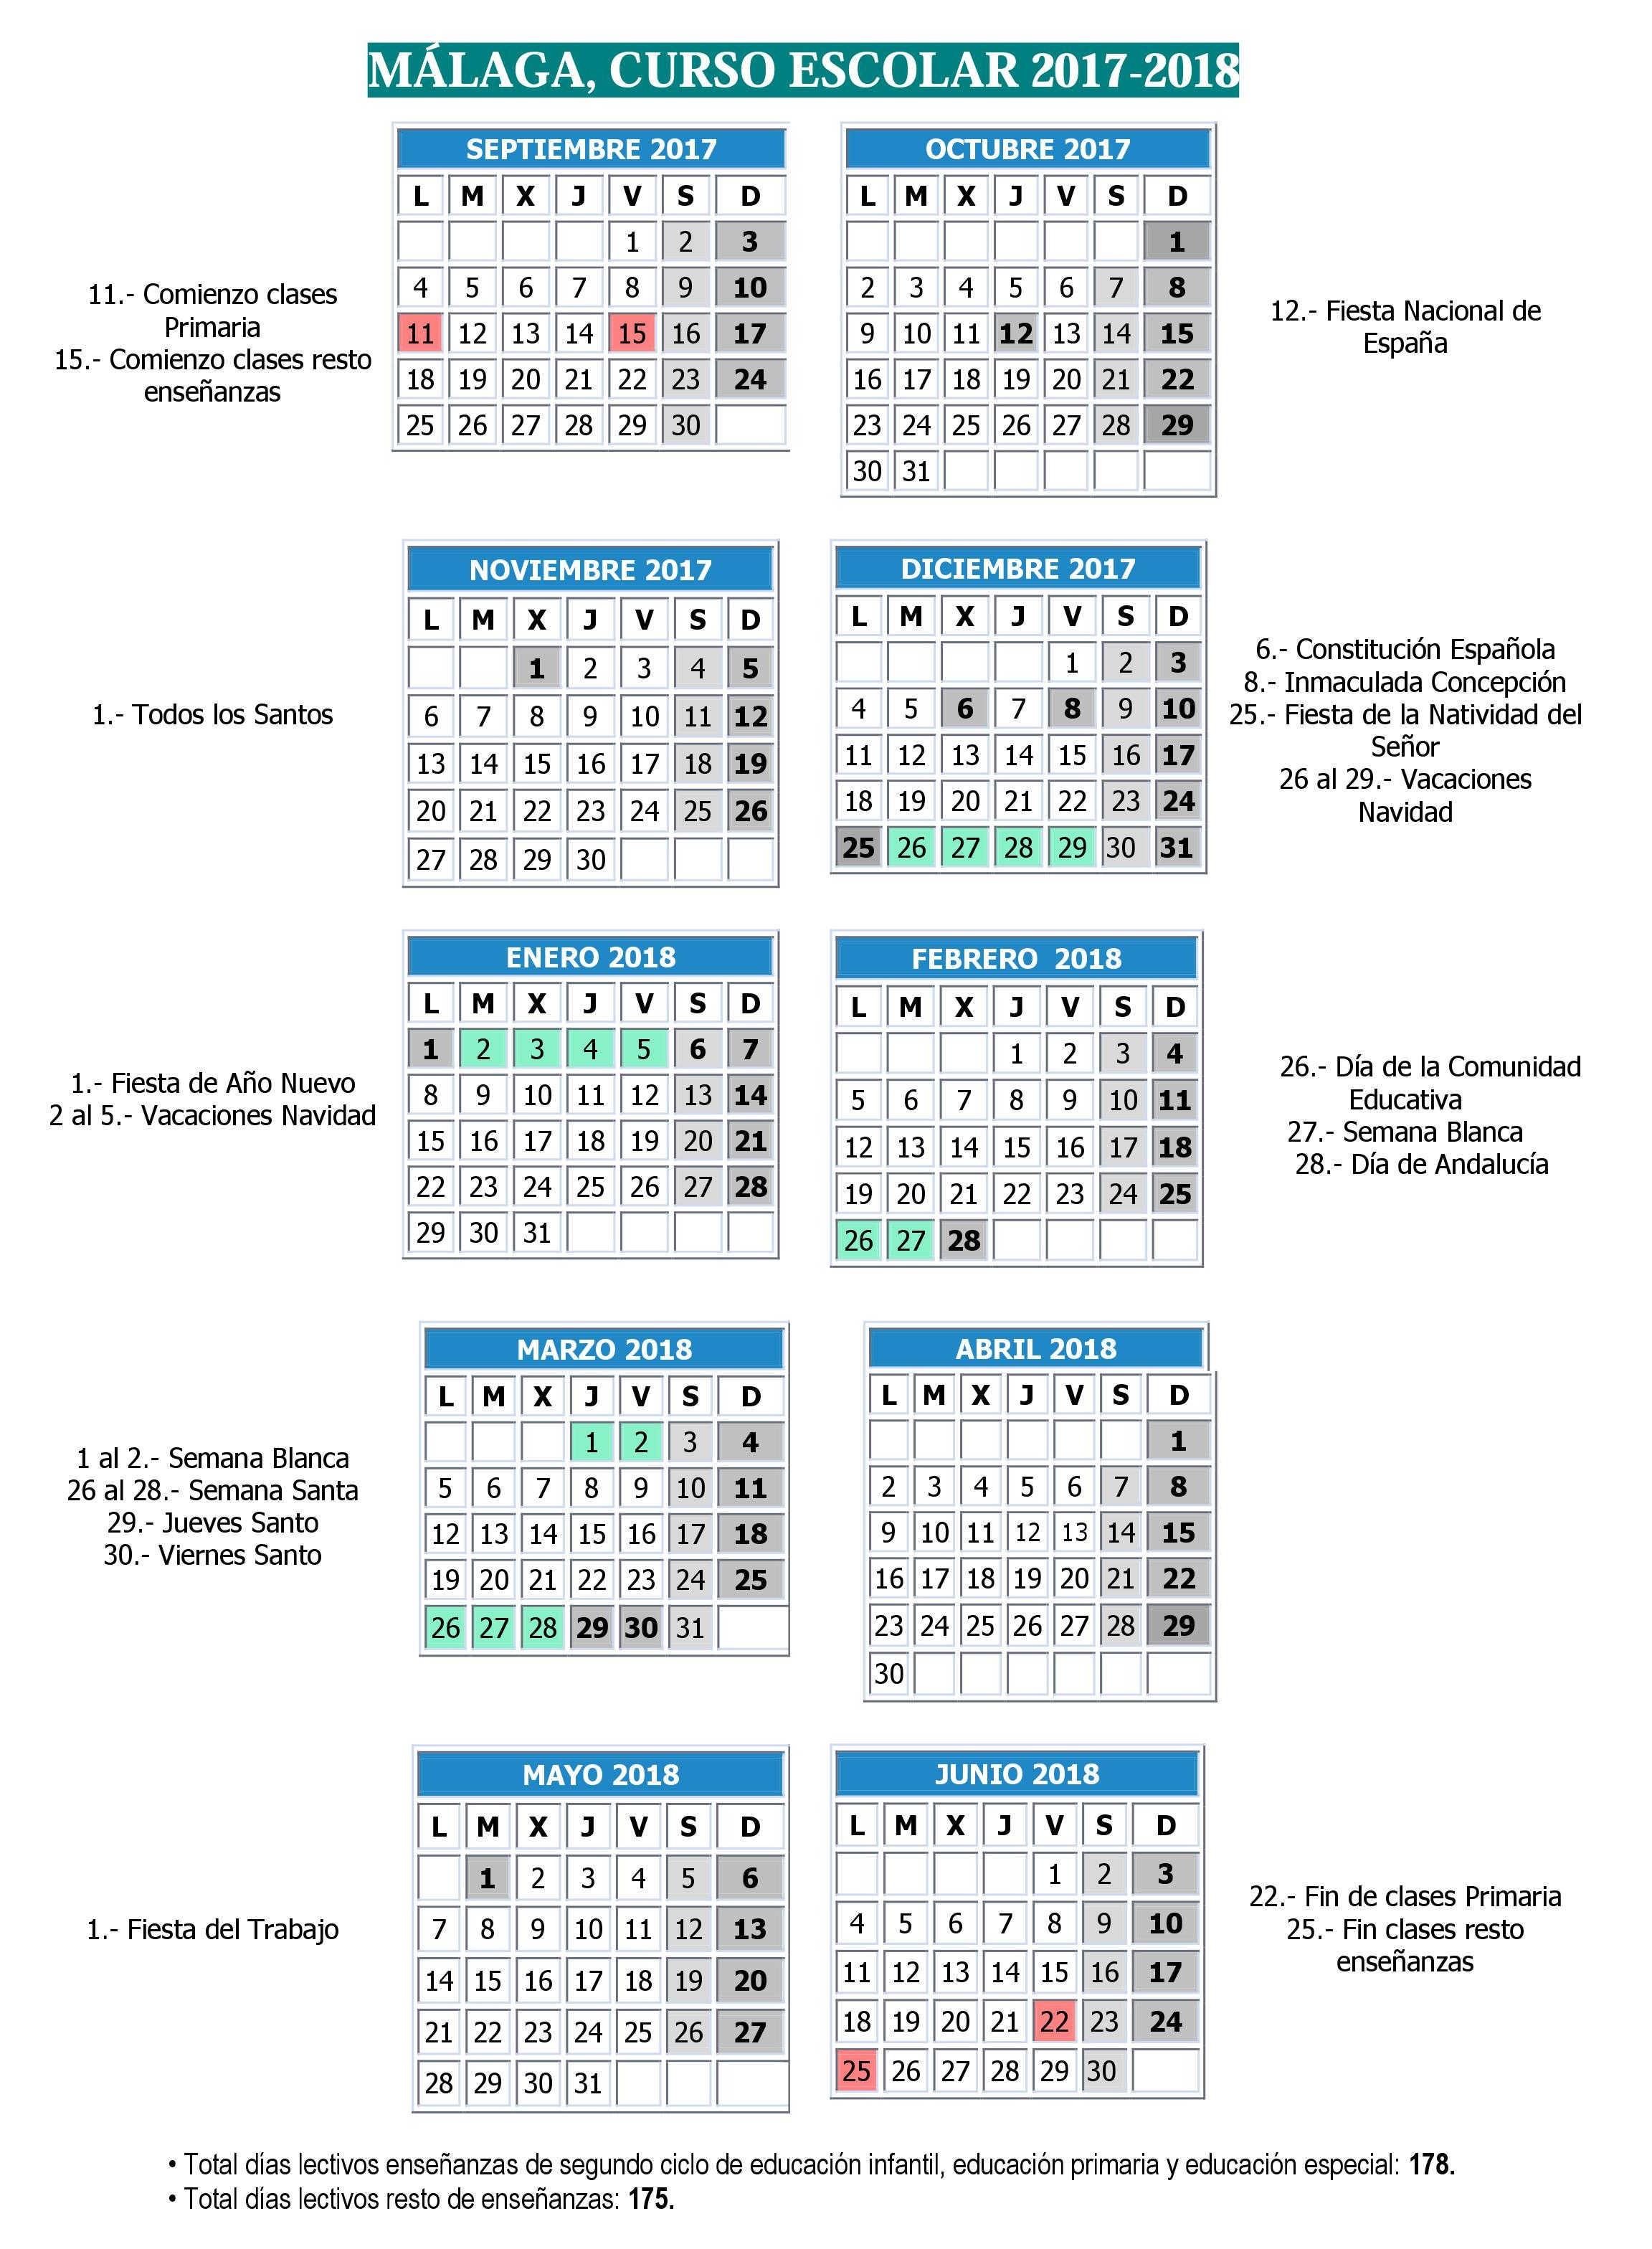 calendario escolar Málaga 2017 2018 Pincha para ampliar